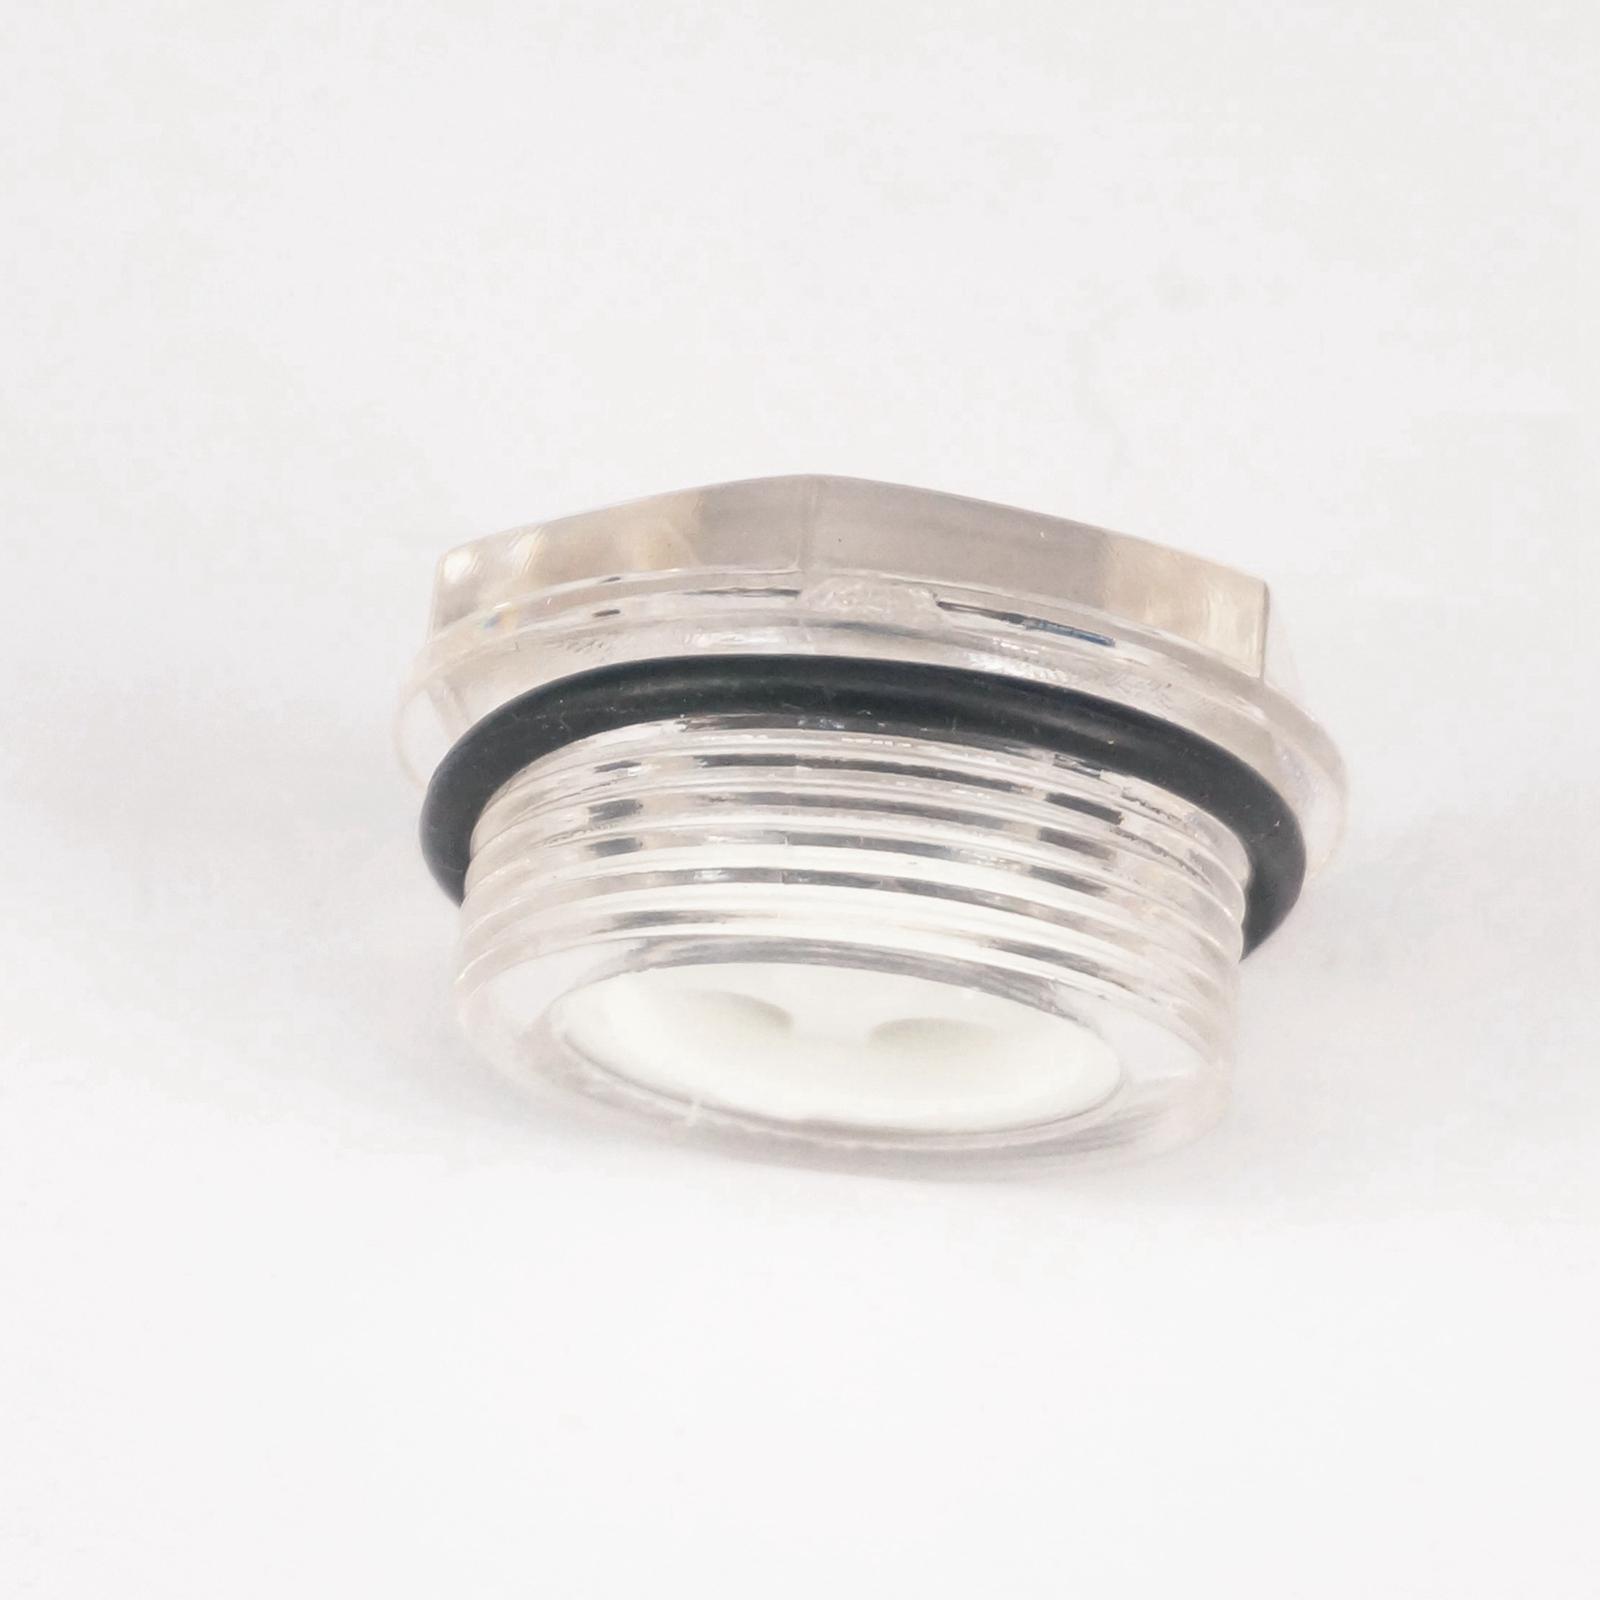 Heimwerker Sanitär Angemessen Kunststoff M33 Pitch 1,5mm Metrischen Männlichen Ölstand Schauglas Fenster Hex Kopf Für Luft Kompressor Getriebe